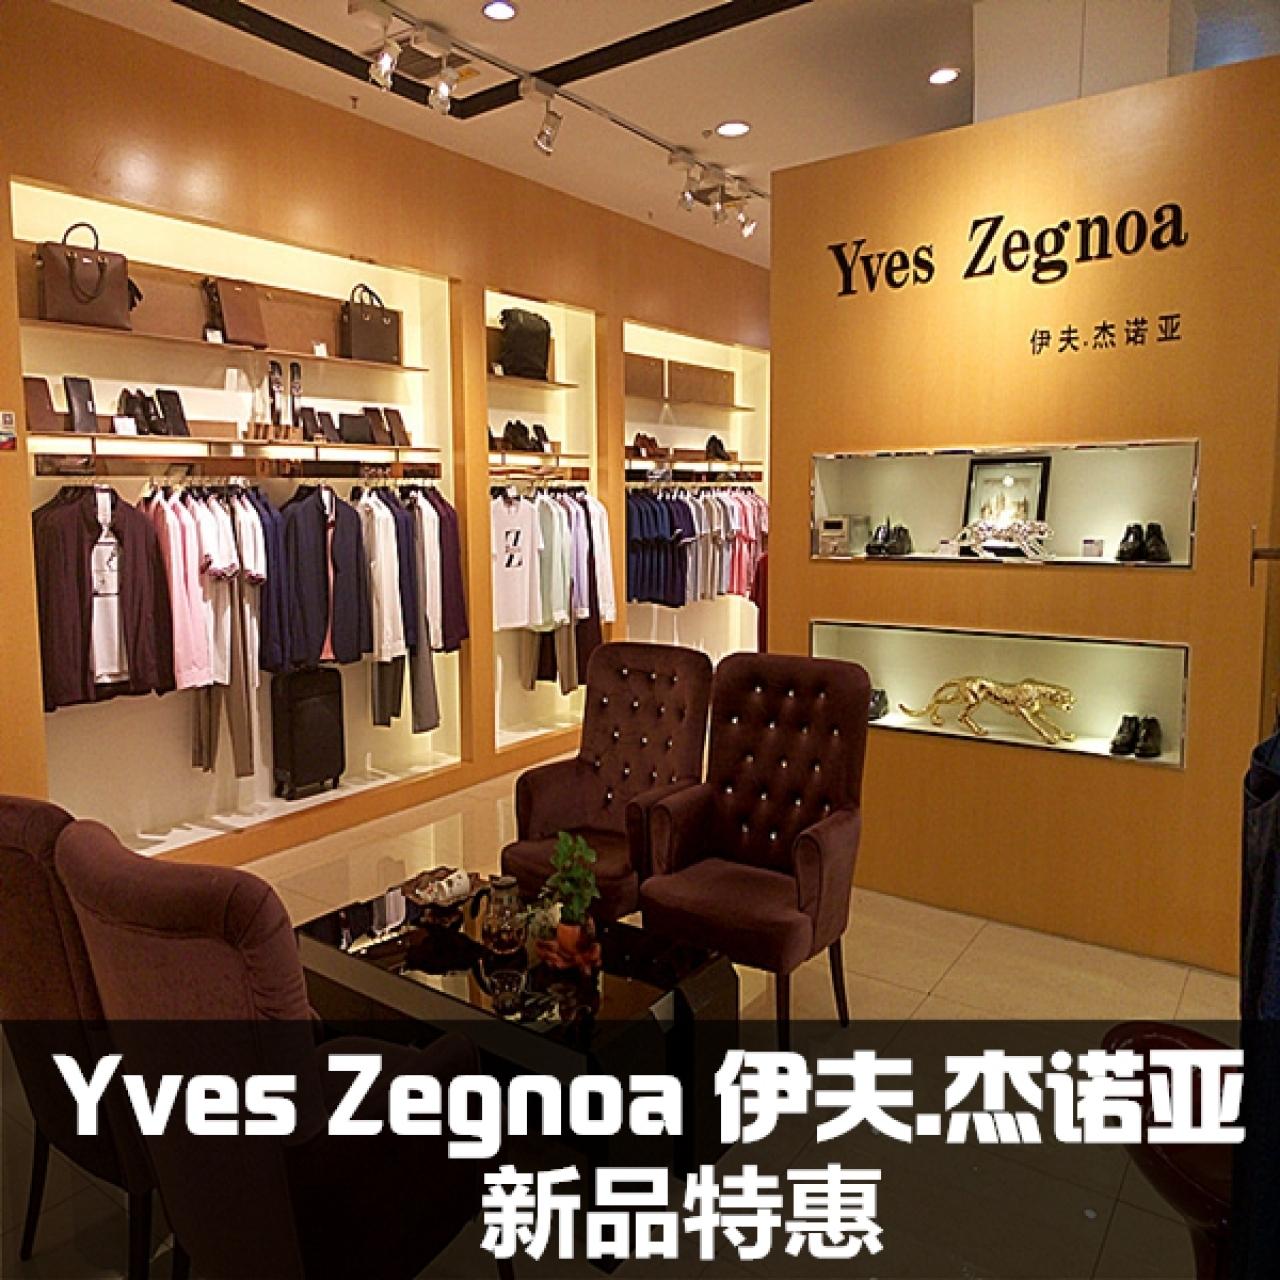 Ticinonline - Zegna o Yves Zegnoa  Vince l azienda italiana. «Sentenza  importante» 4cd76e2f87f